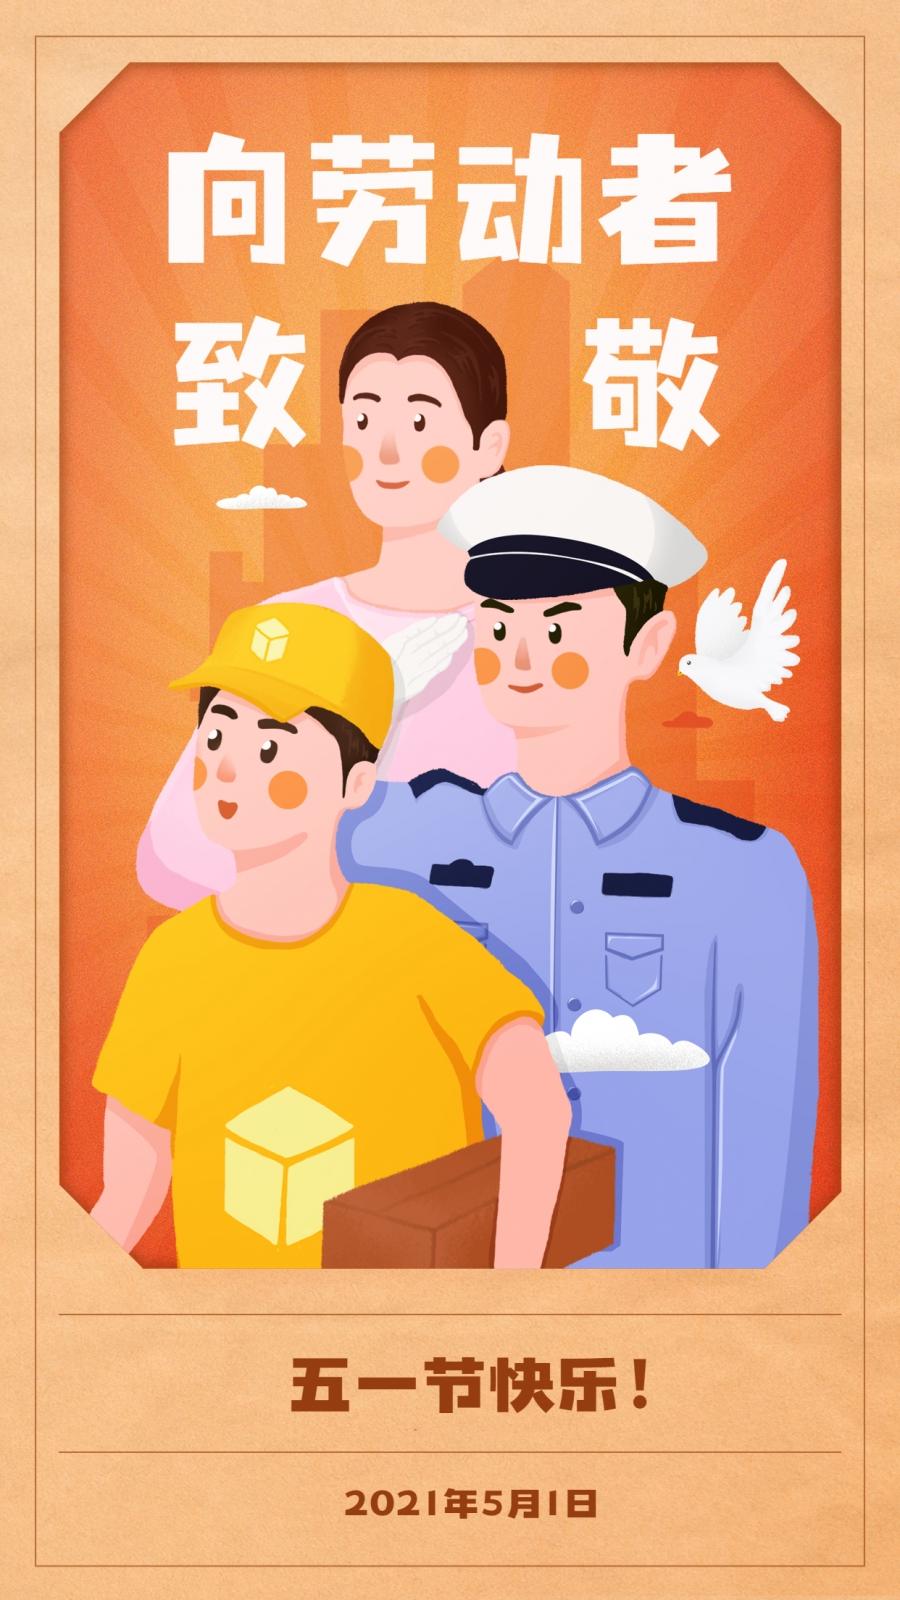 五一劳动节致敬劳动者贺卡海报.jpg